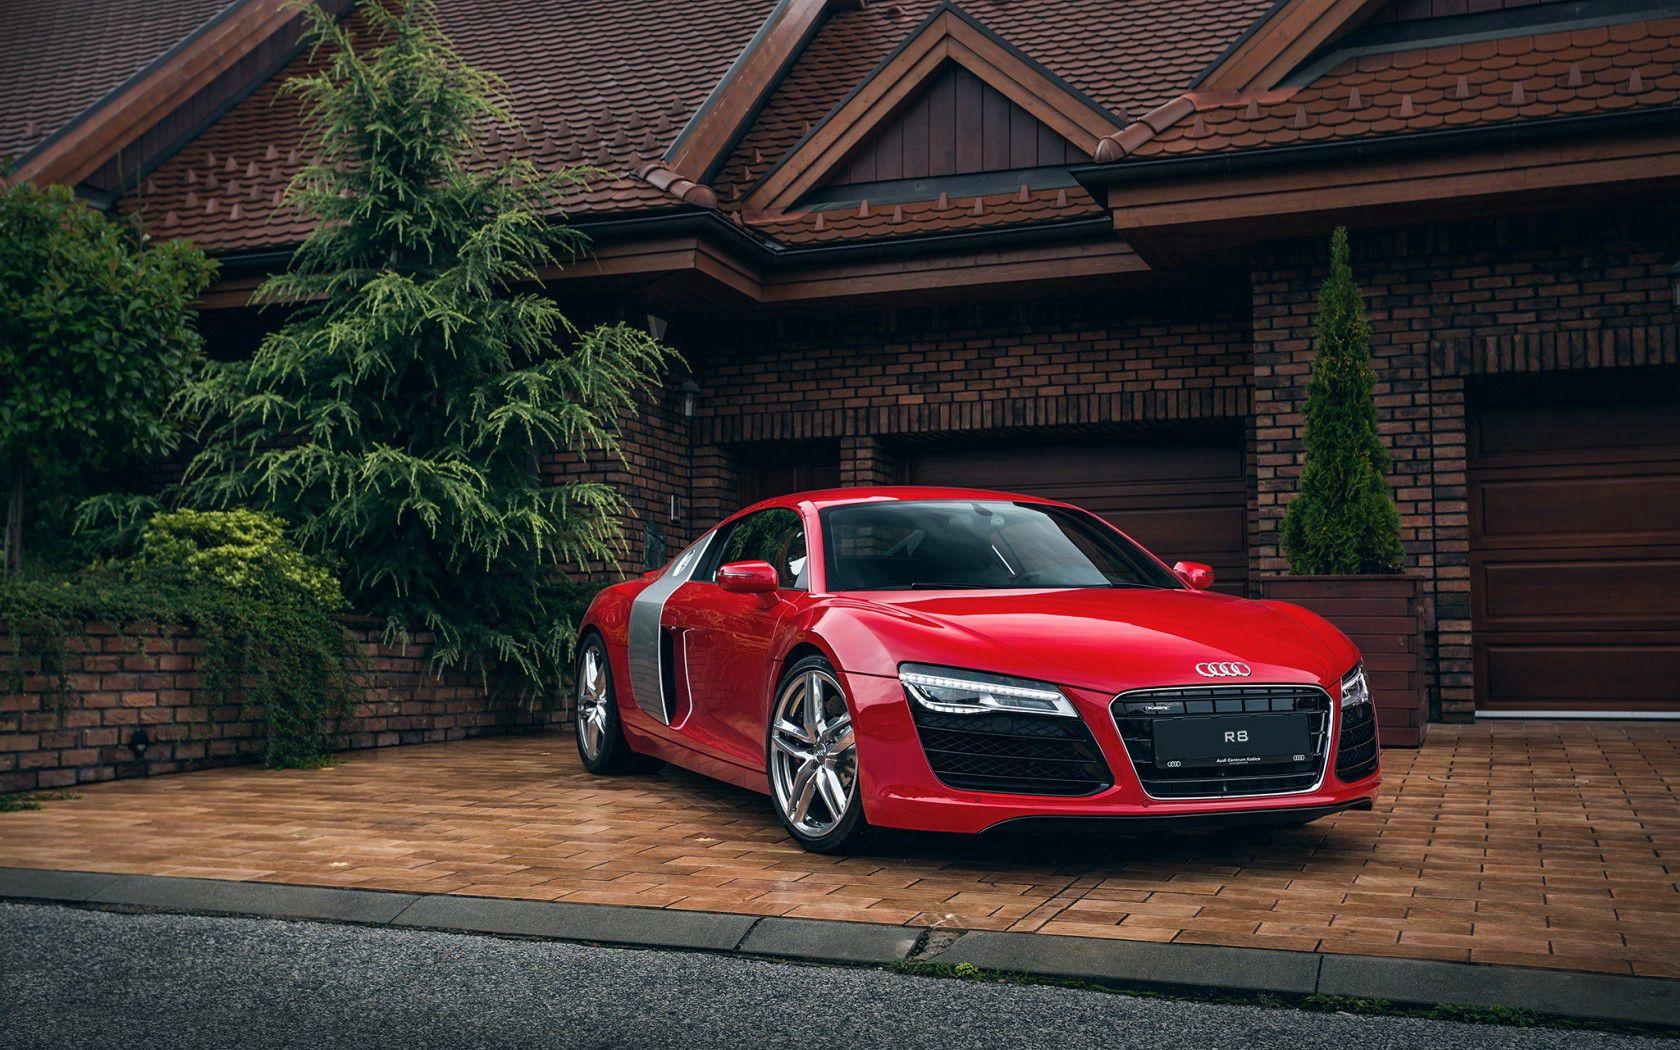 91509 papel de parede 1080x2400 em seu telefone gratuitamente, baixe imagens Audi, Carros, Vista Frontal, R8 1080x2400 em seu celular